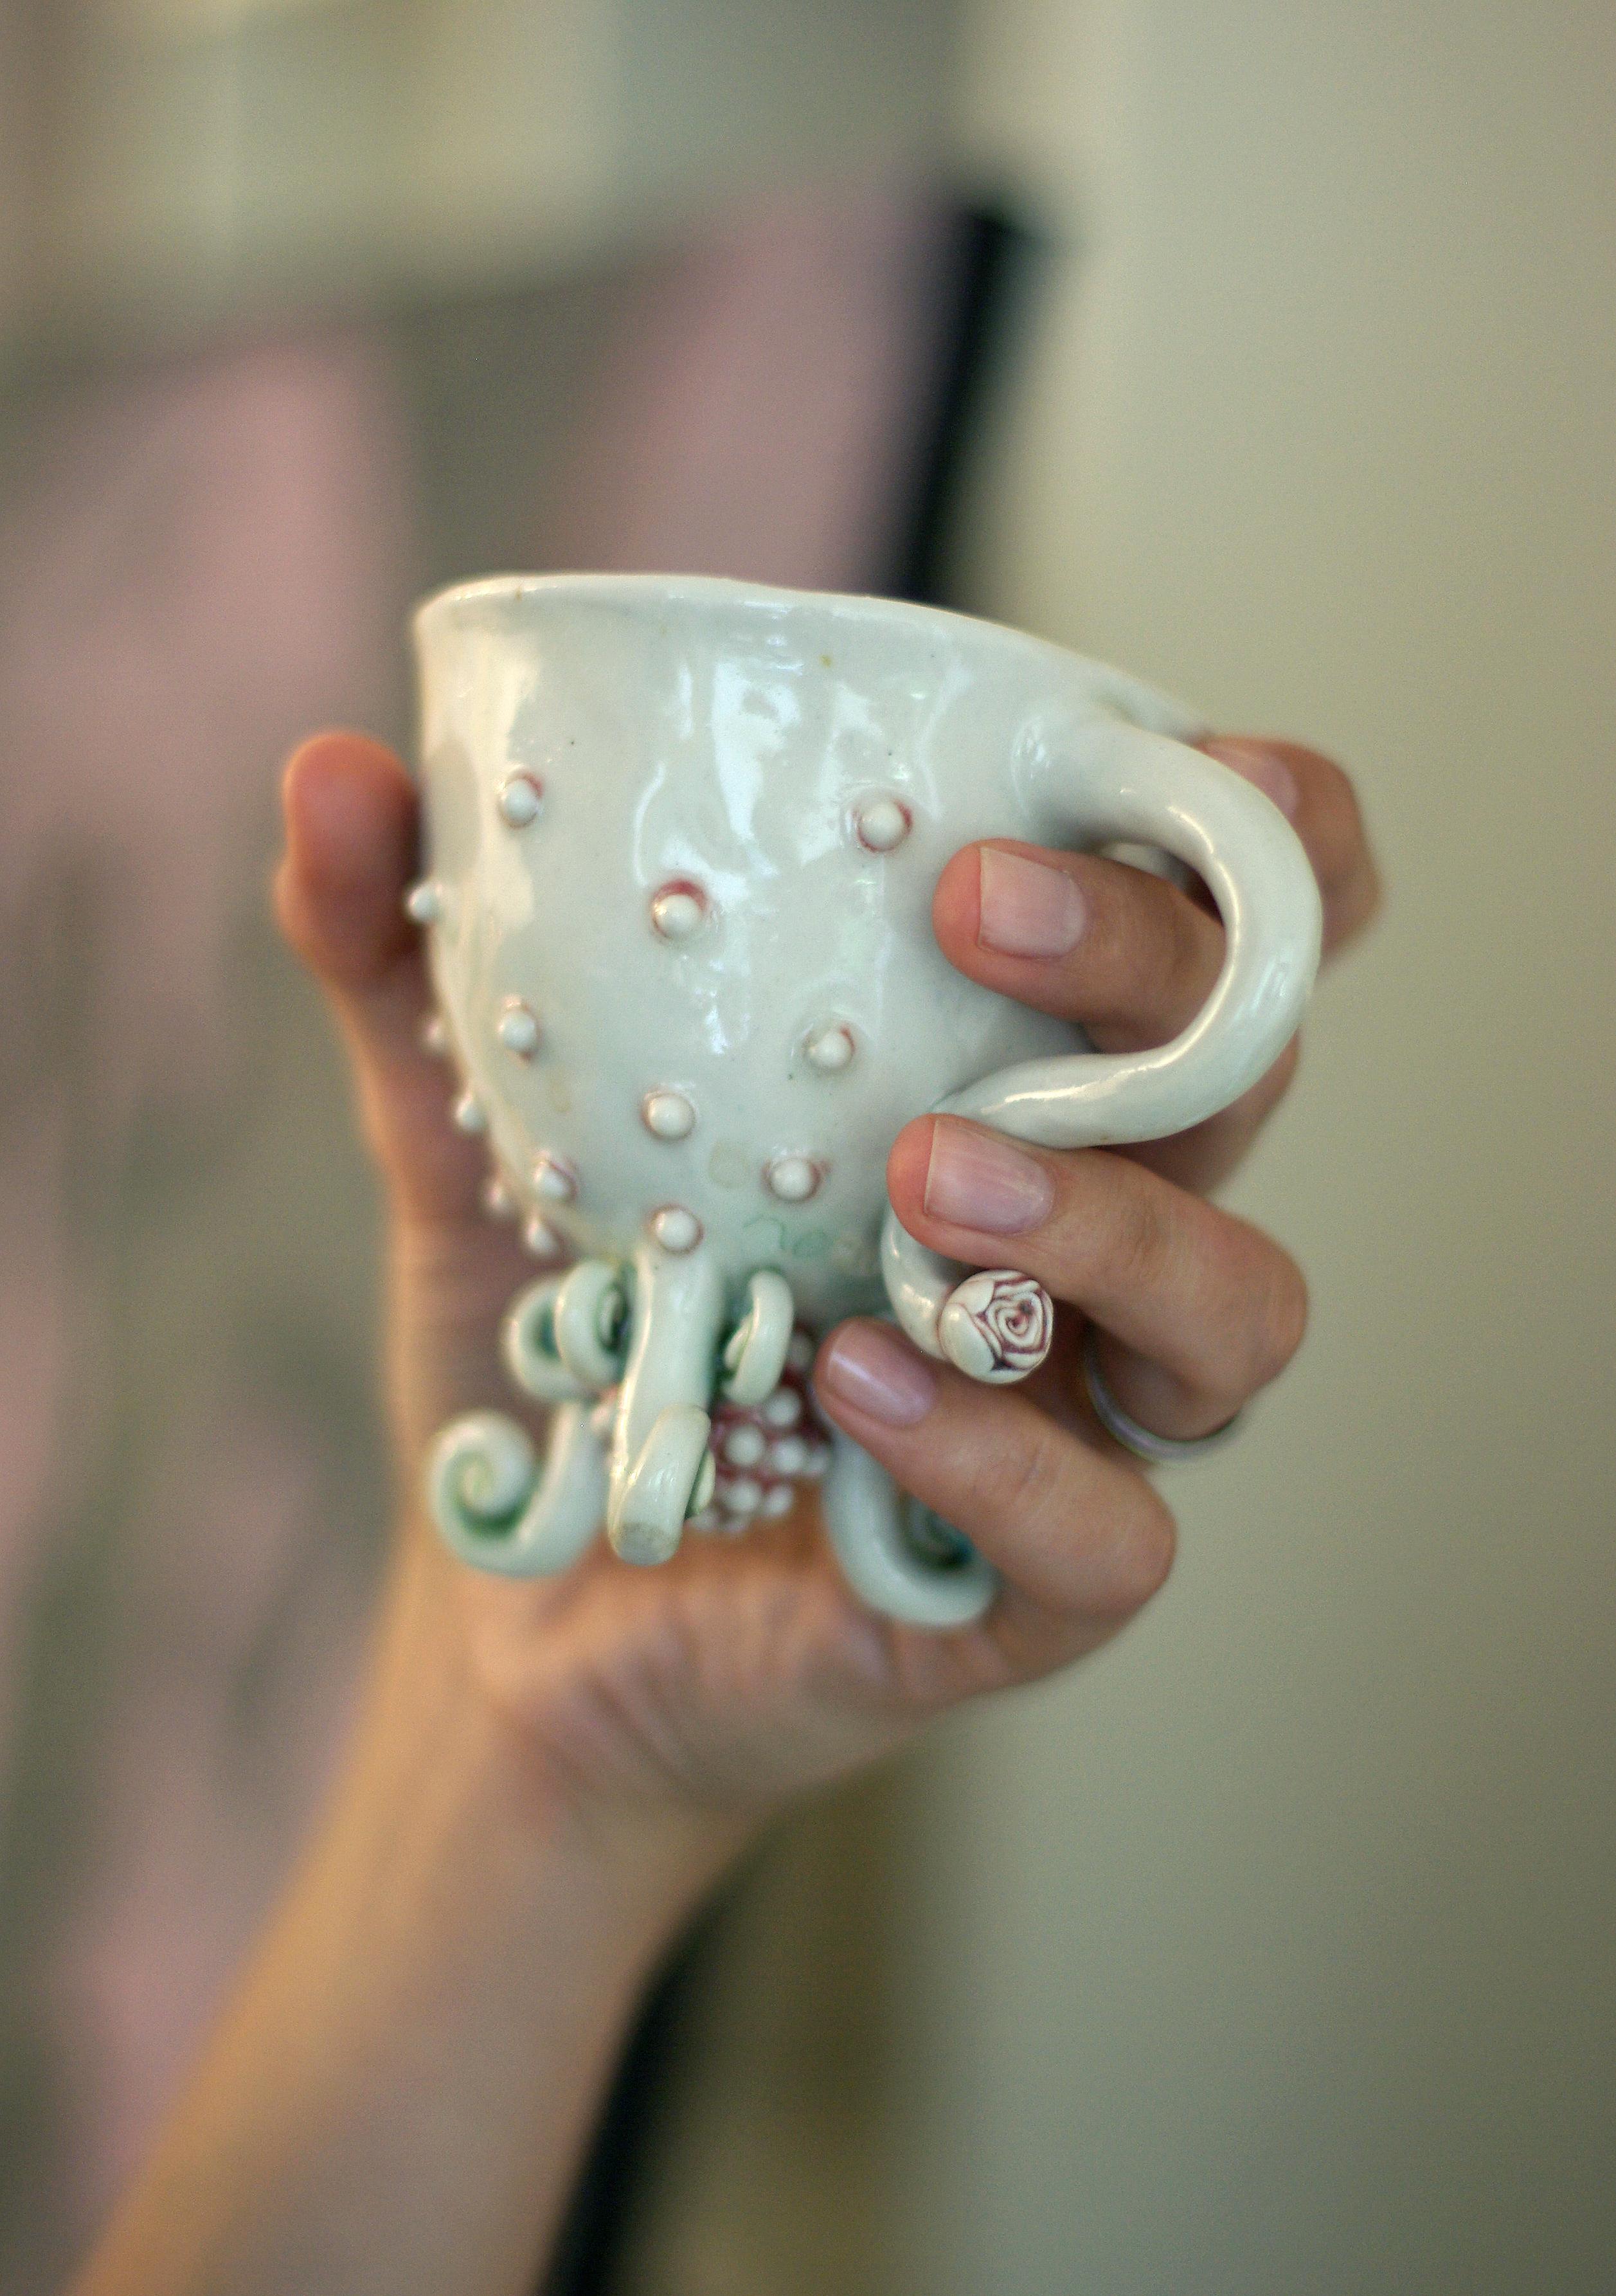 puodeliavimas su Nomeda